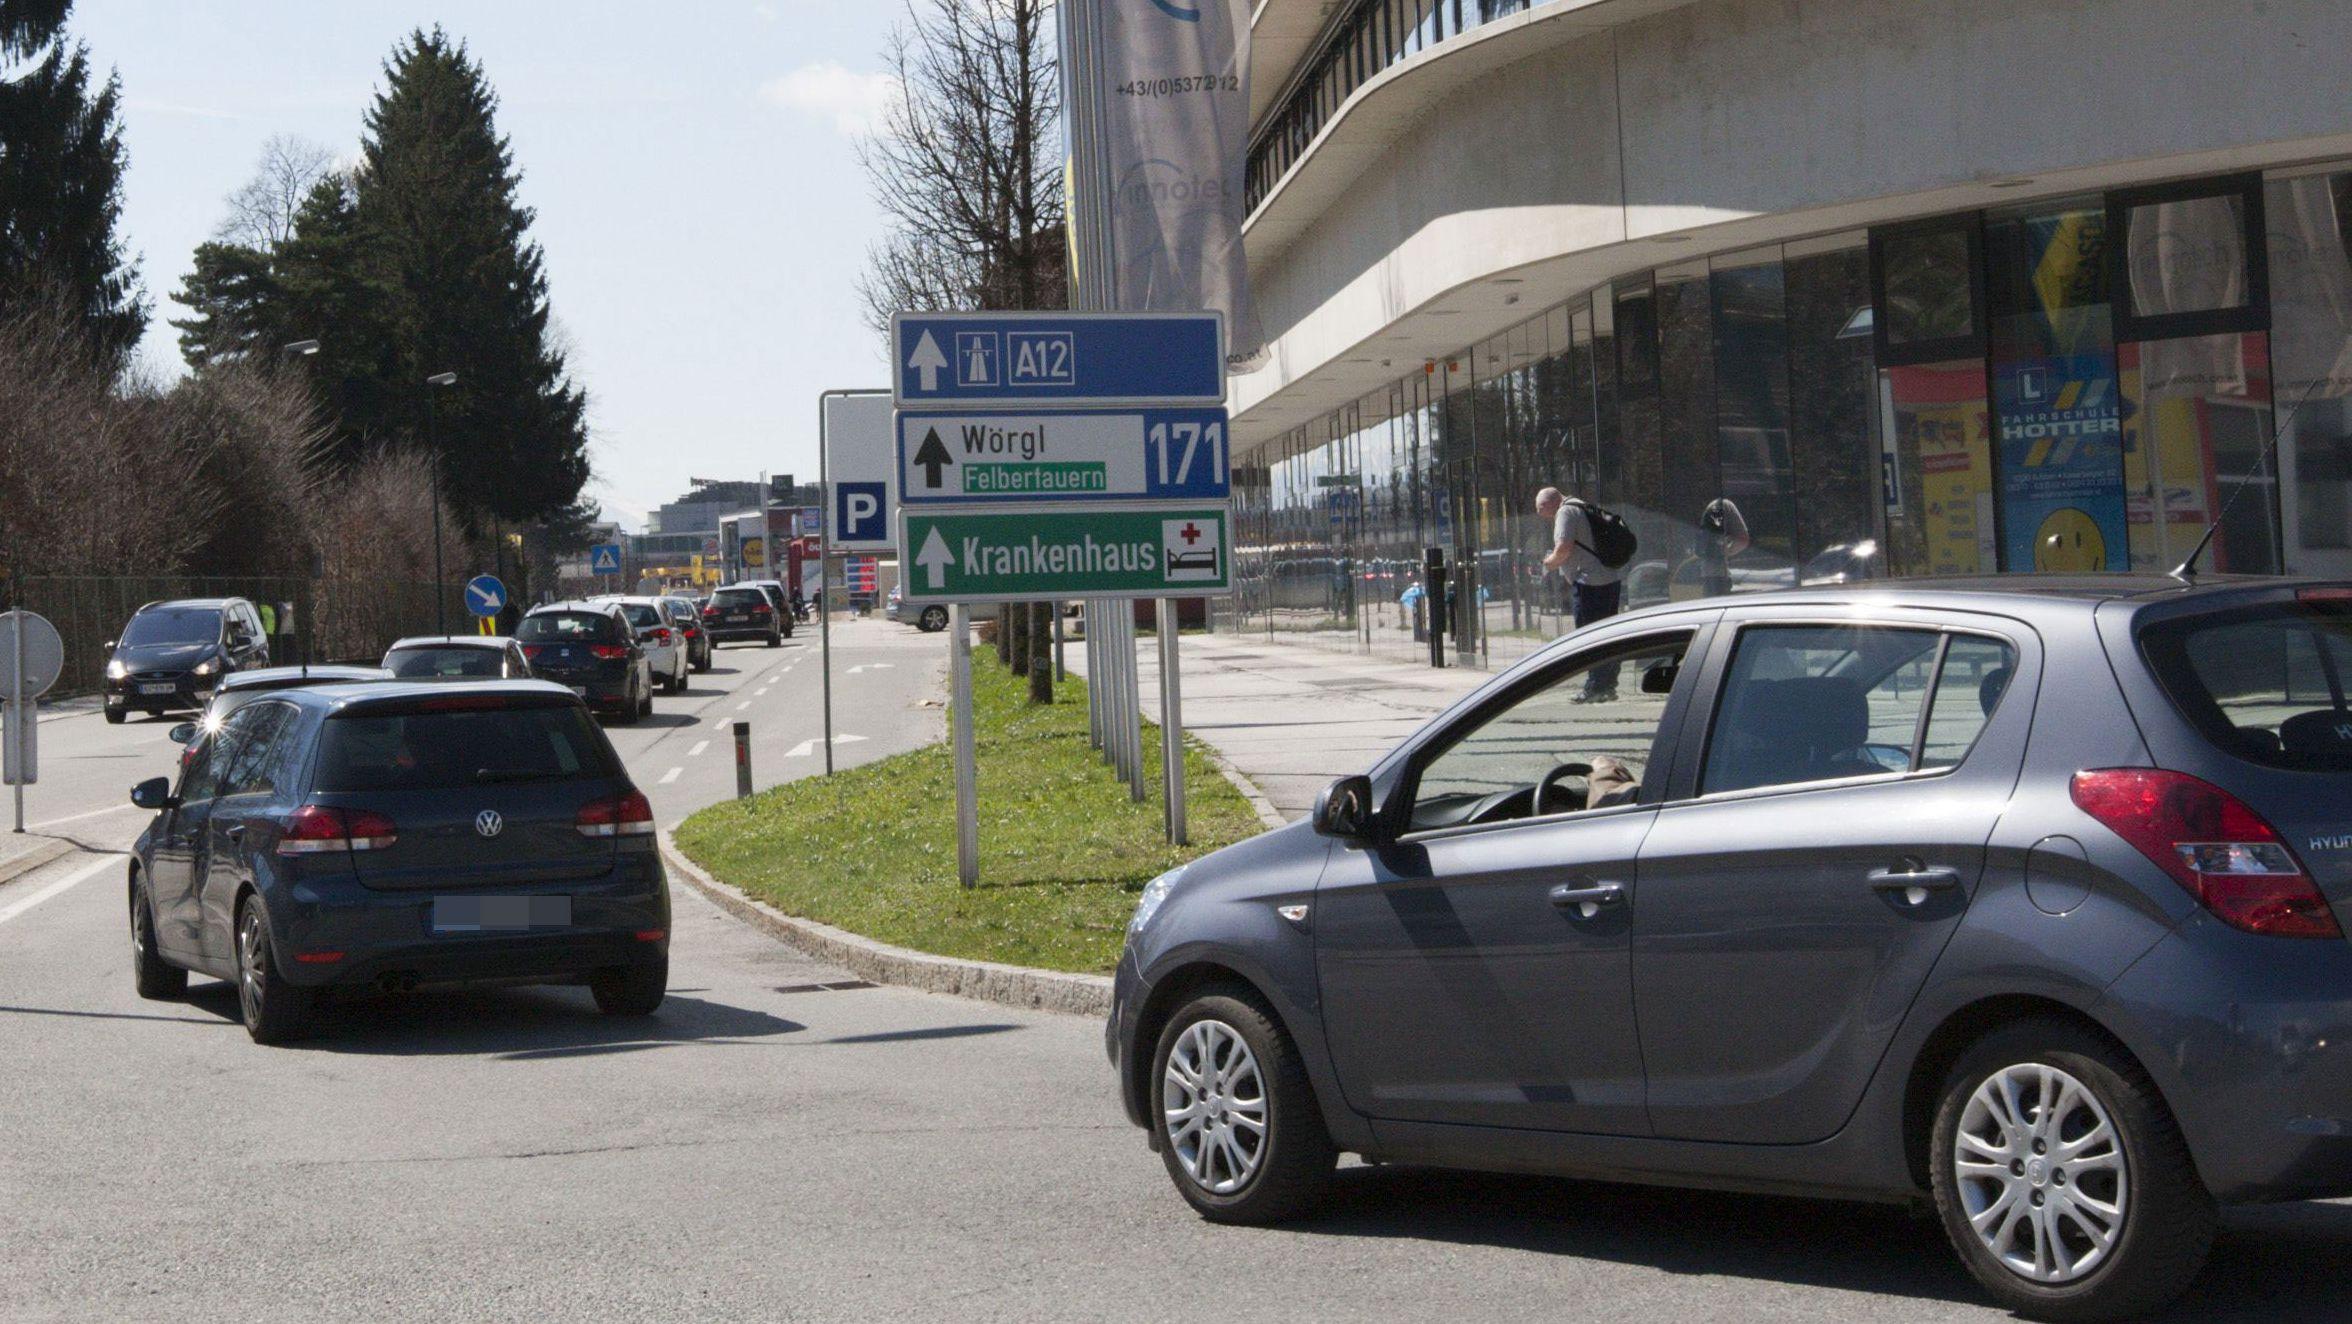 Stau auf einer Autobahn-Ausweichstraße in Kufstein